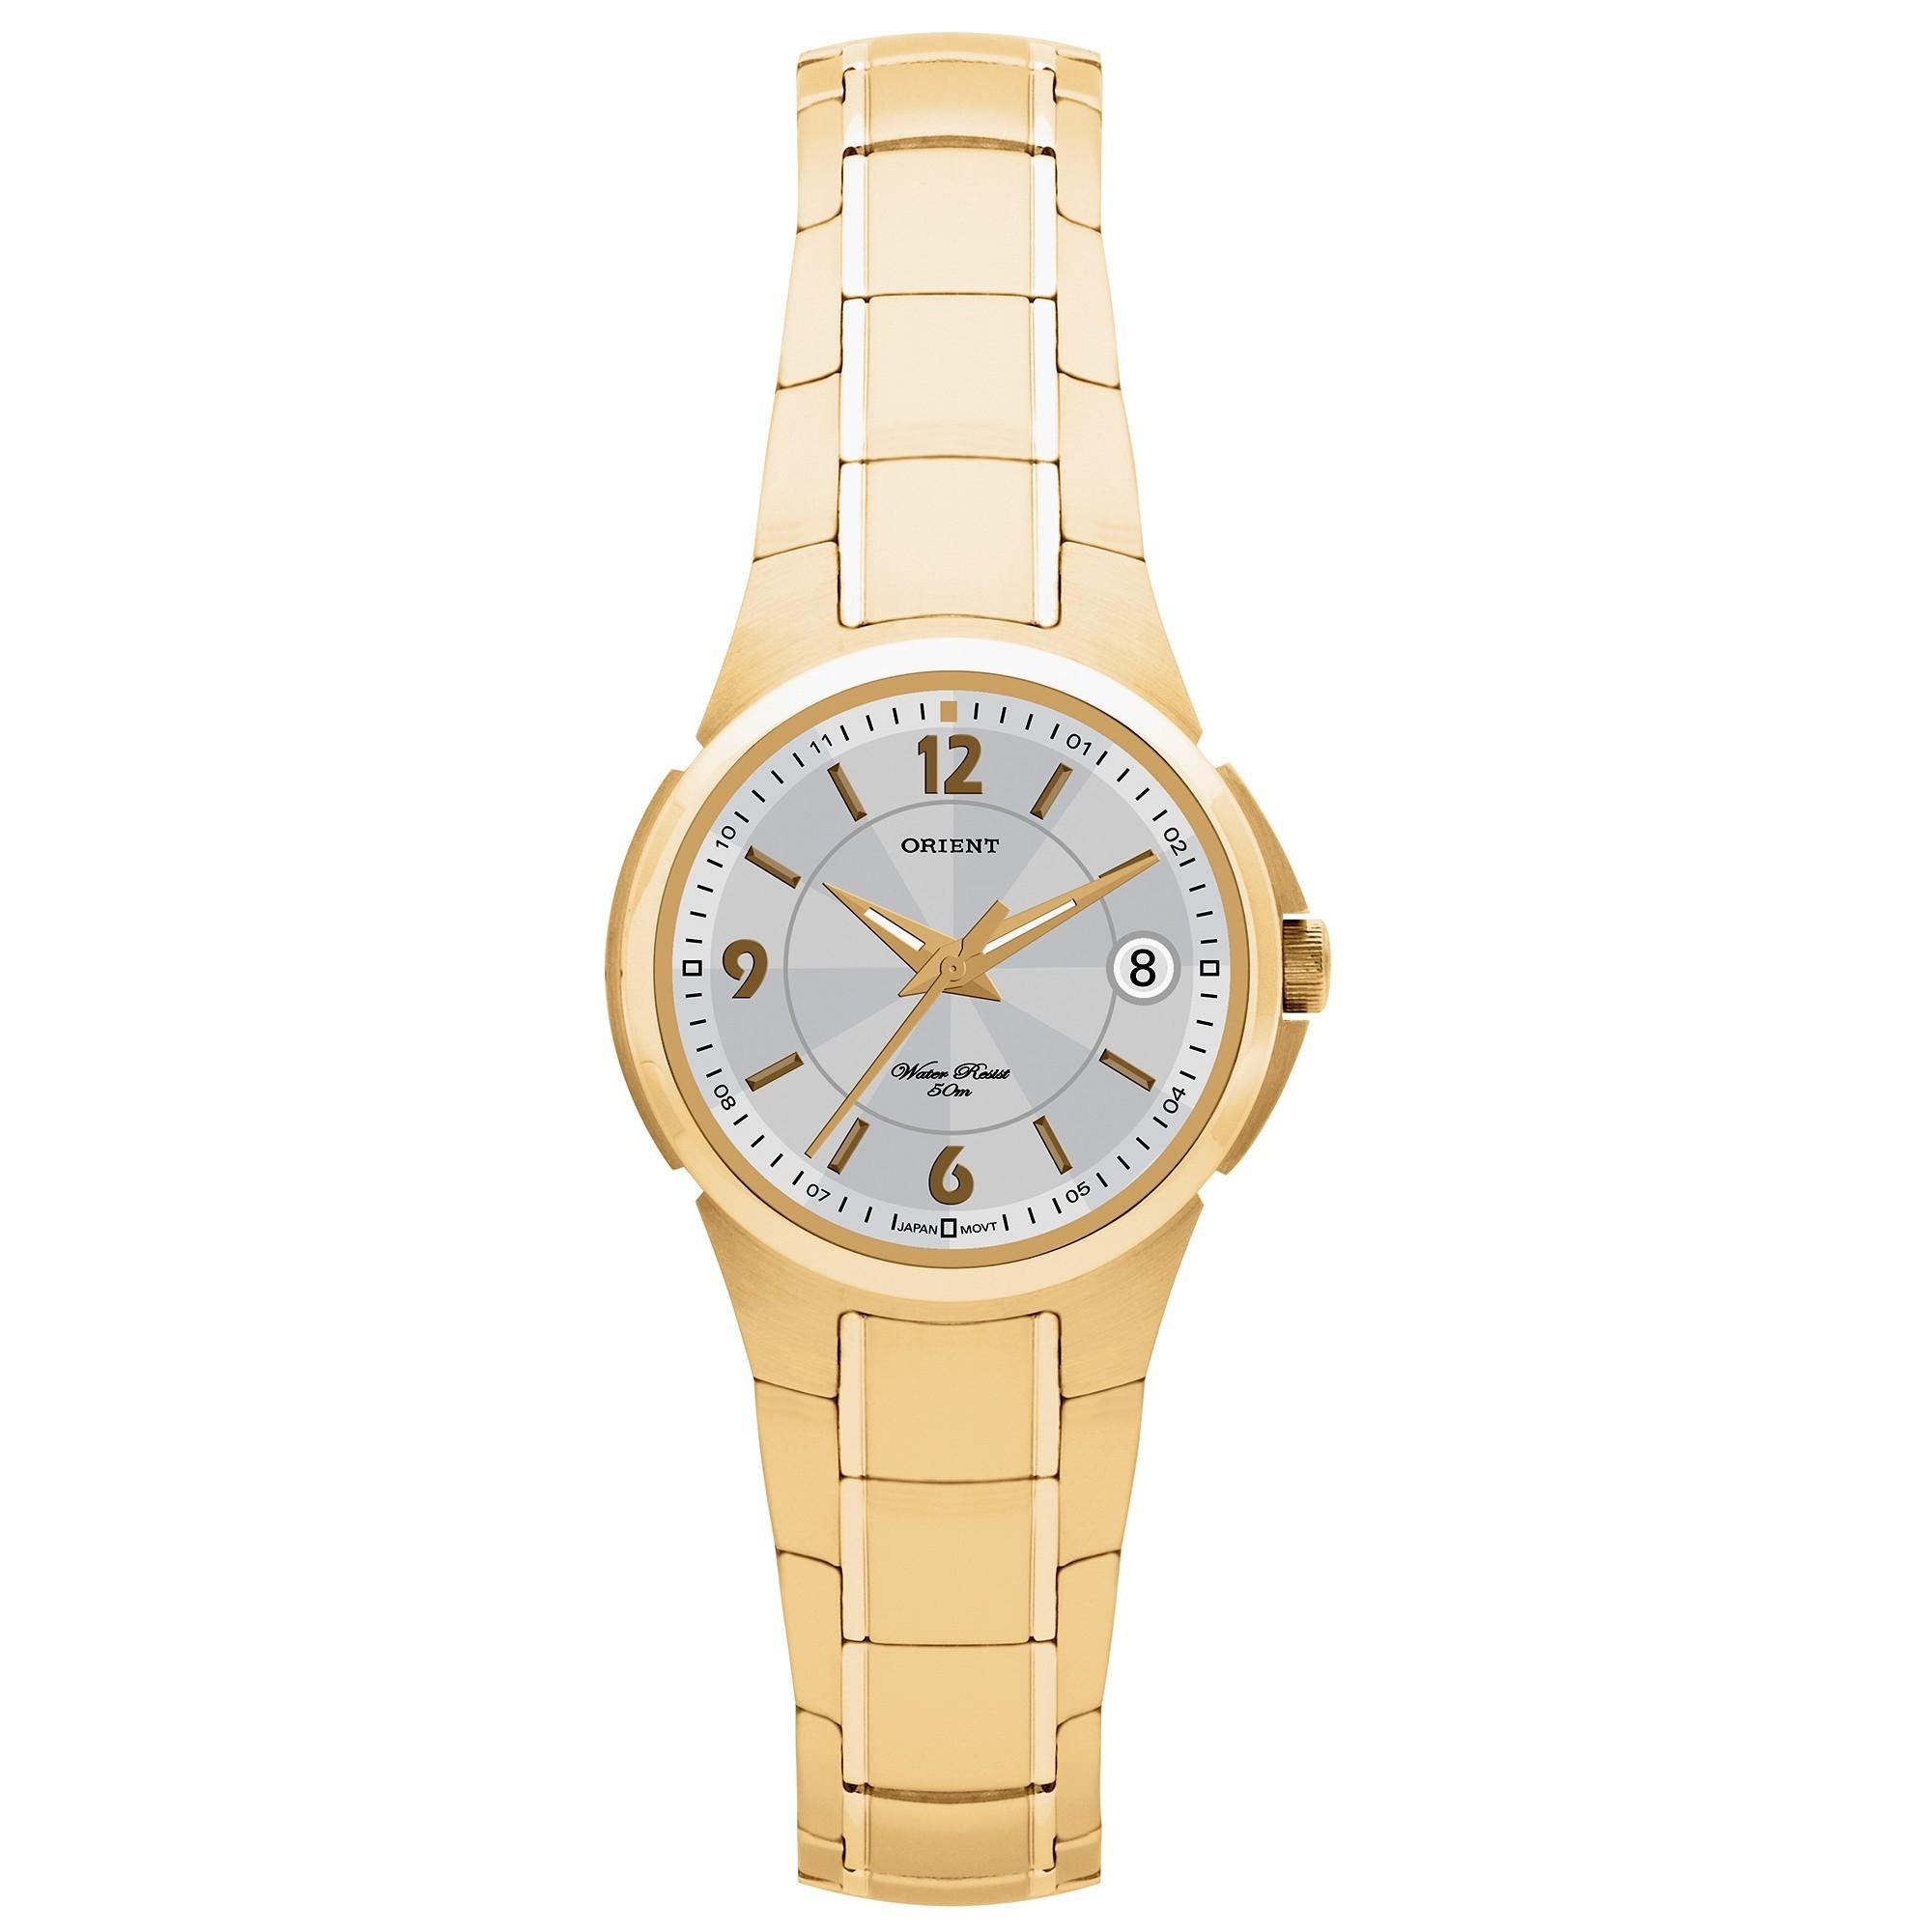 cd0f67c3ff0 Relógio Orient Feminino Dourado Fgss1006 S2kx - Hosana Time